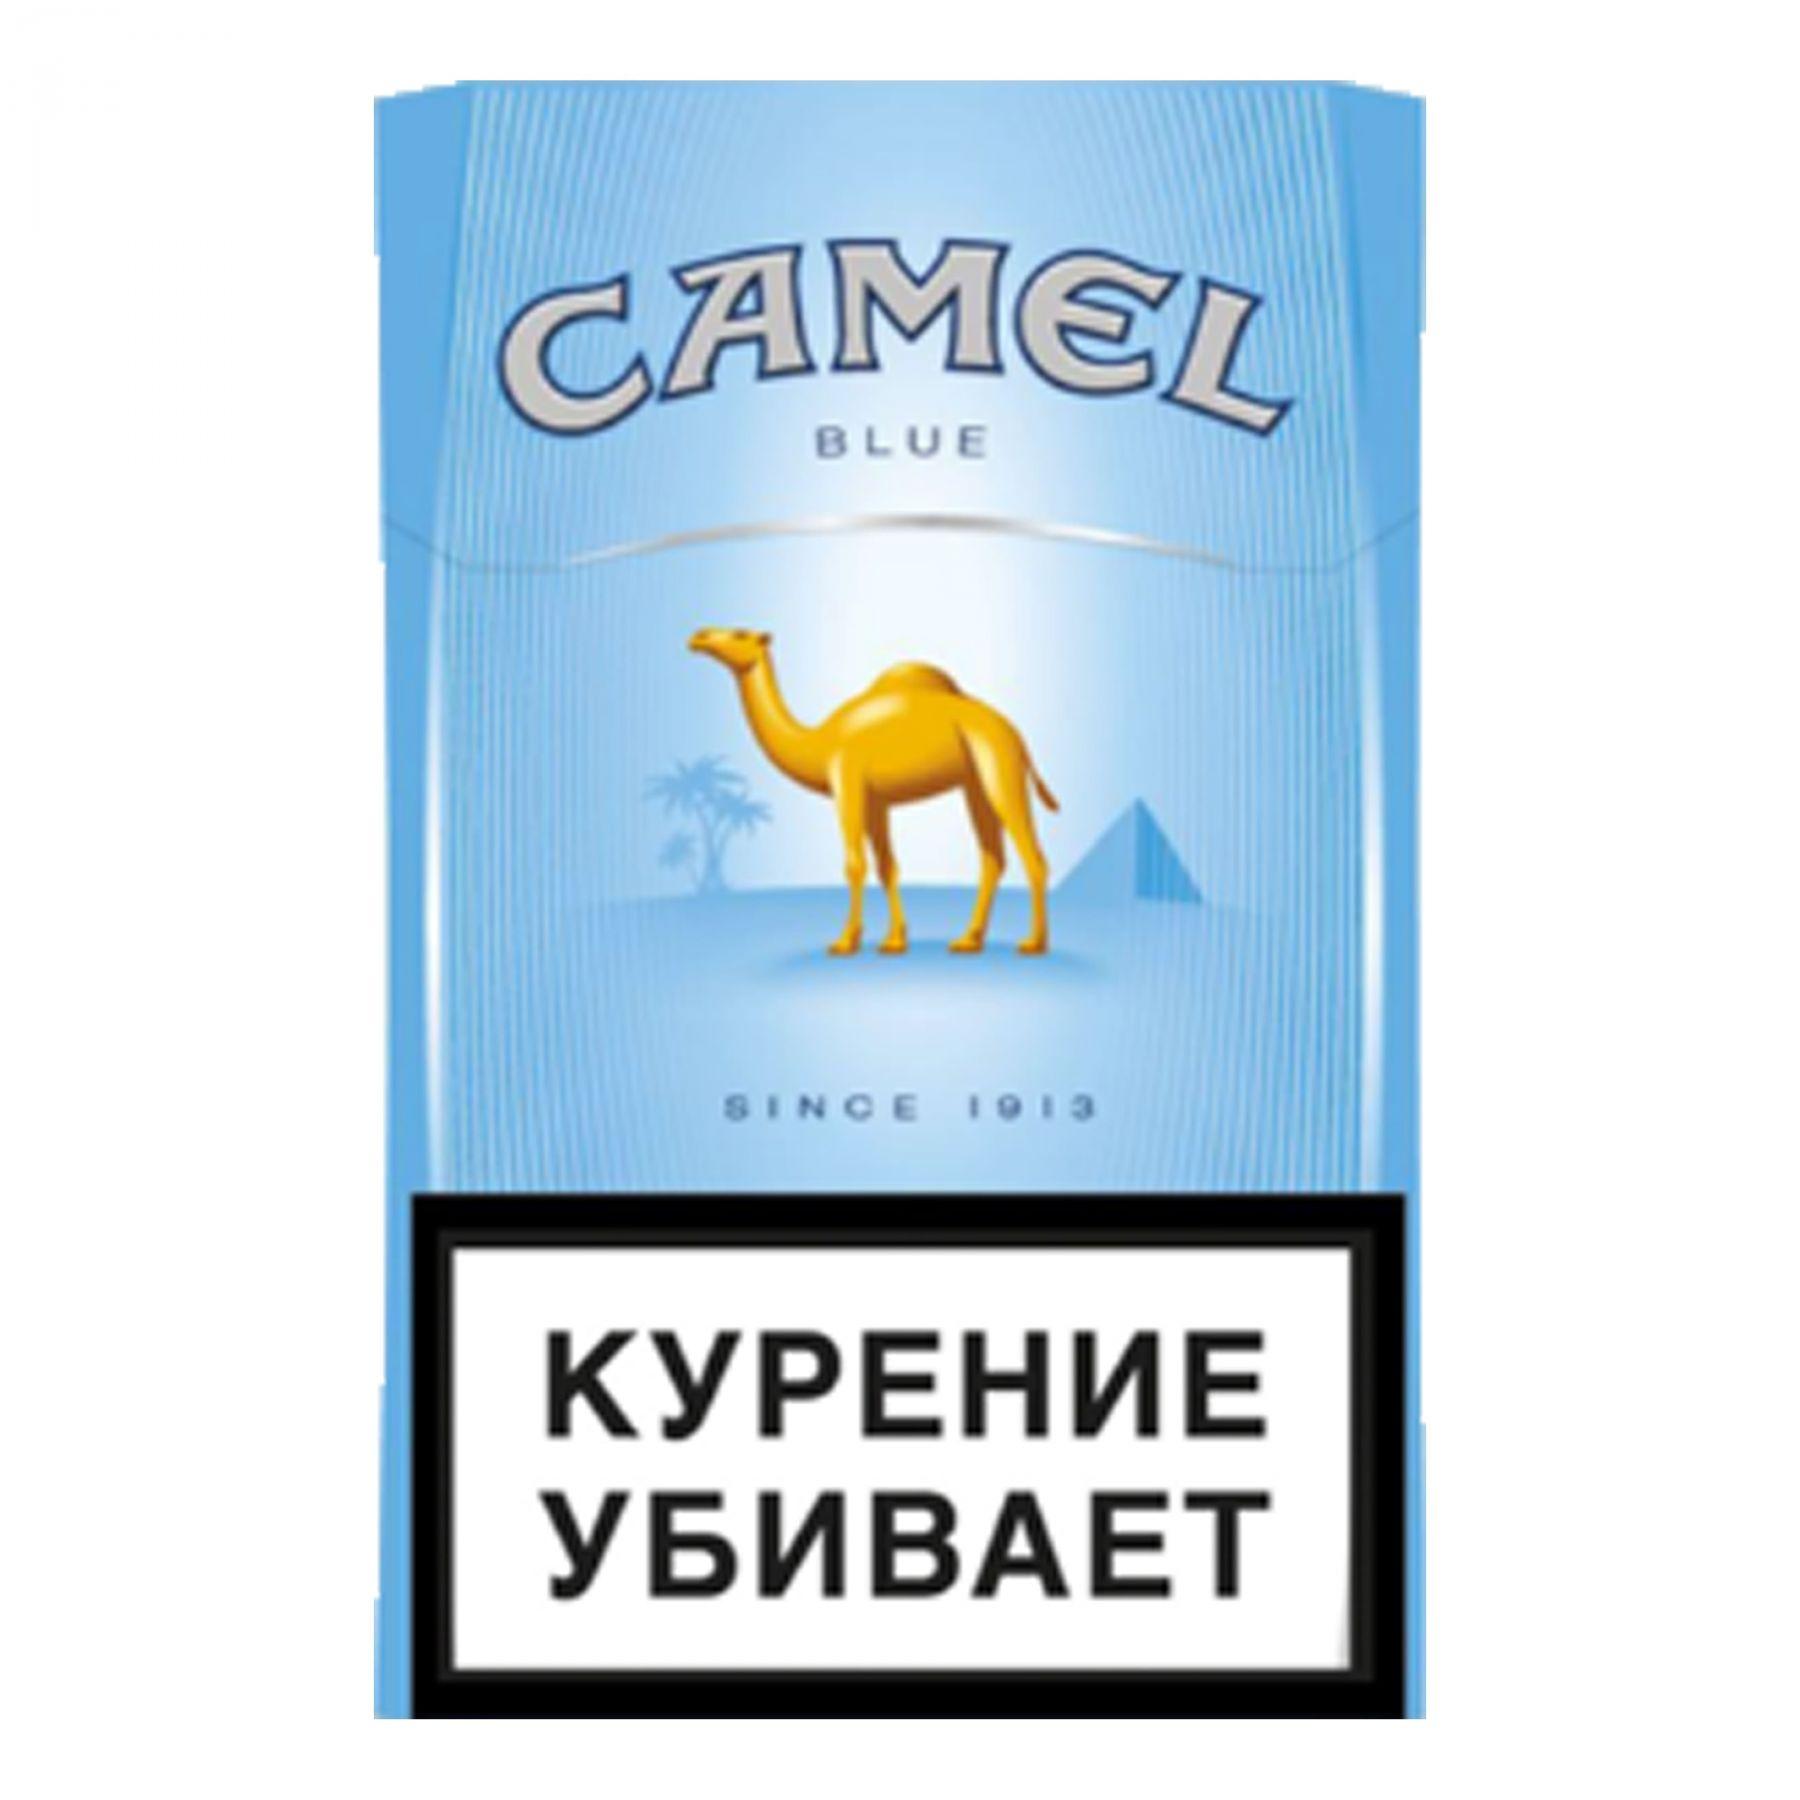 Сигареты camel купить спб где купить блоки сигарет оптом